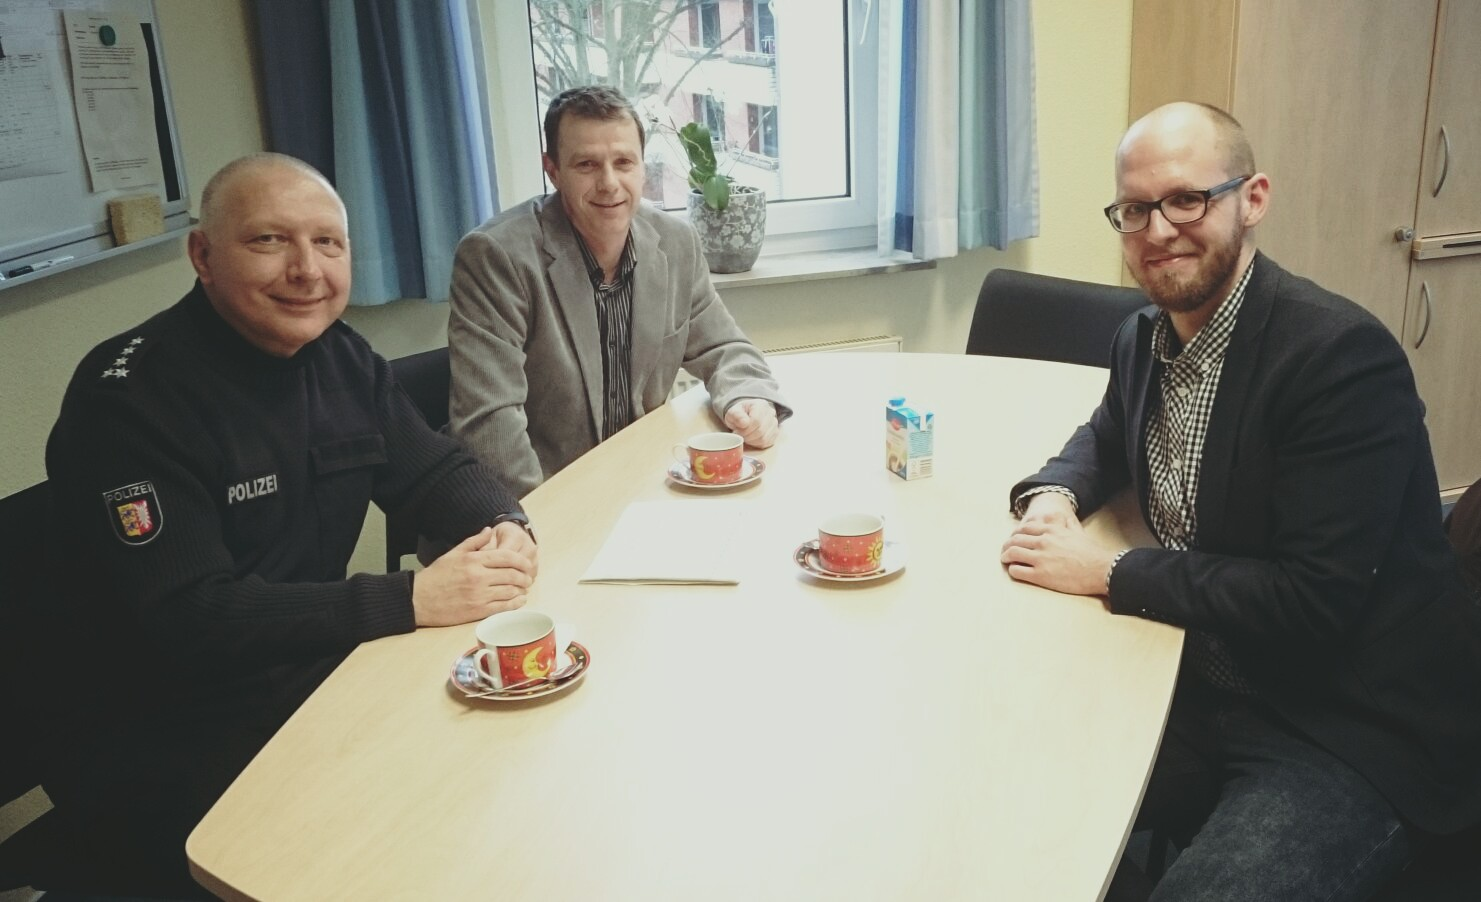 Norbert Patzker, Ralf Lorenzen, Tobias von Pein